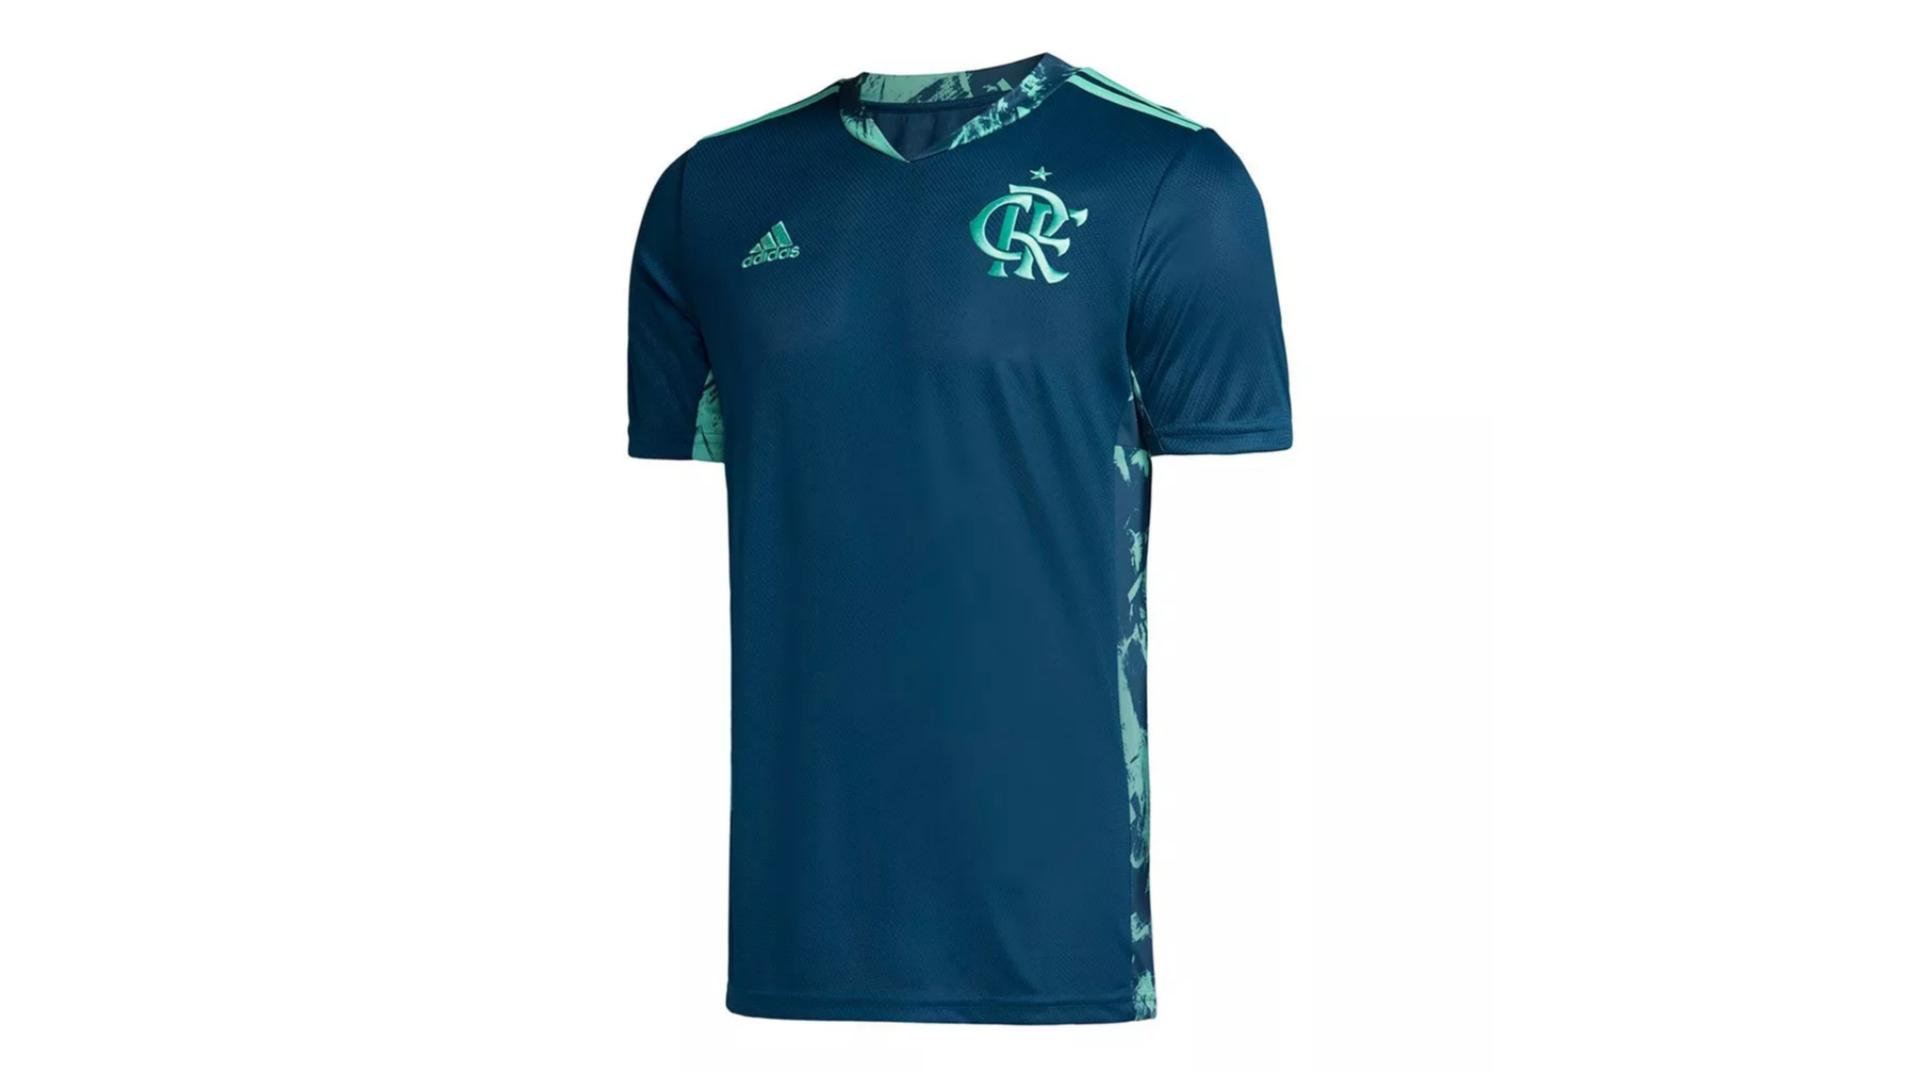 Camisa do Flamengo 2020 Adidas Goleiro (Imagem: Divulgação/Adidas)